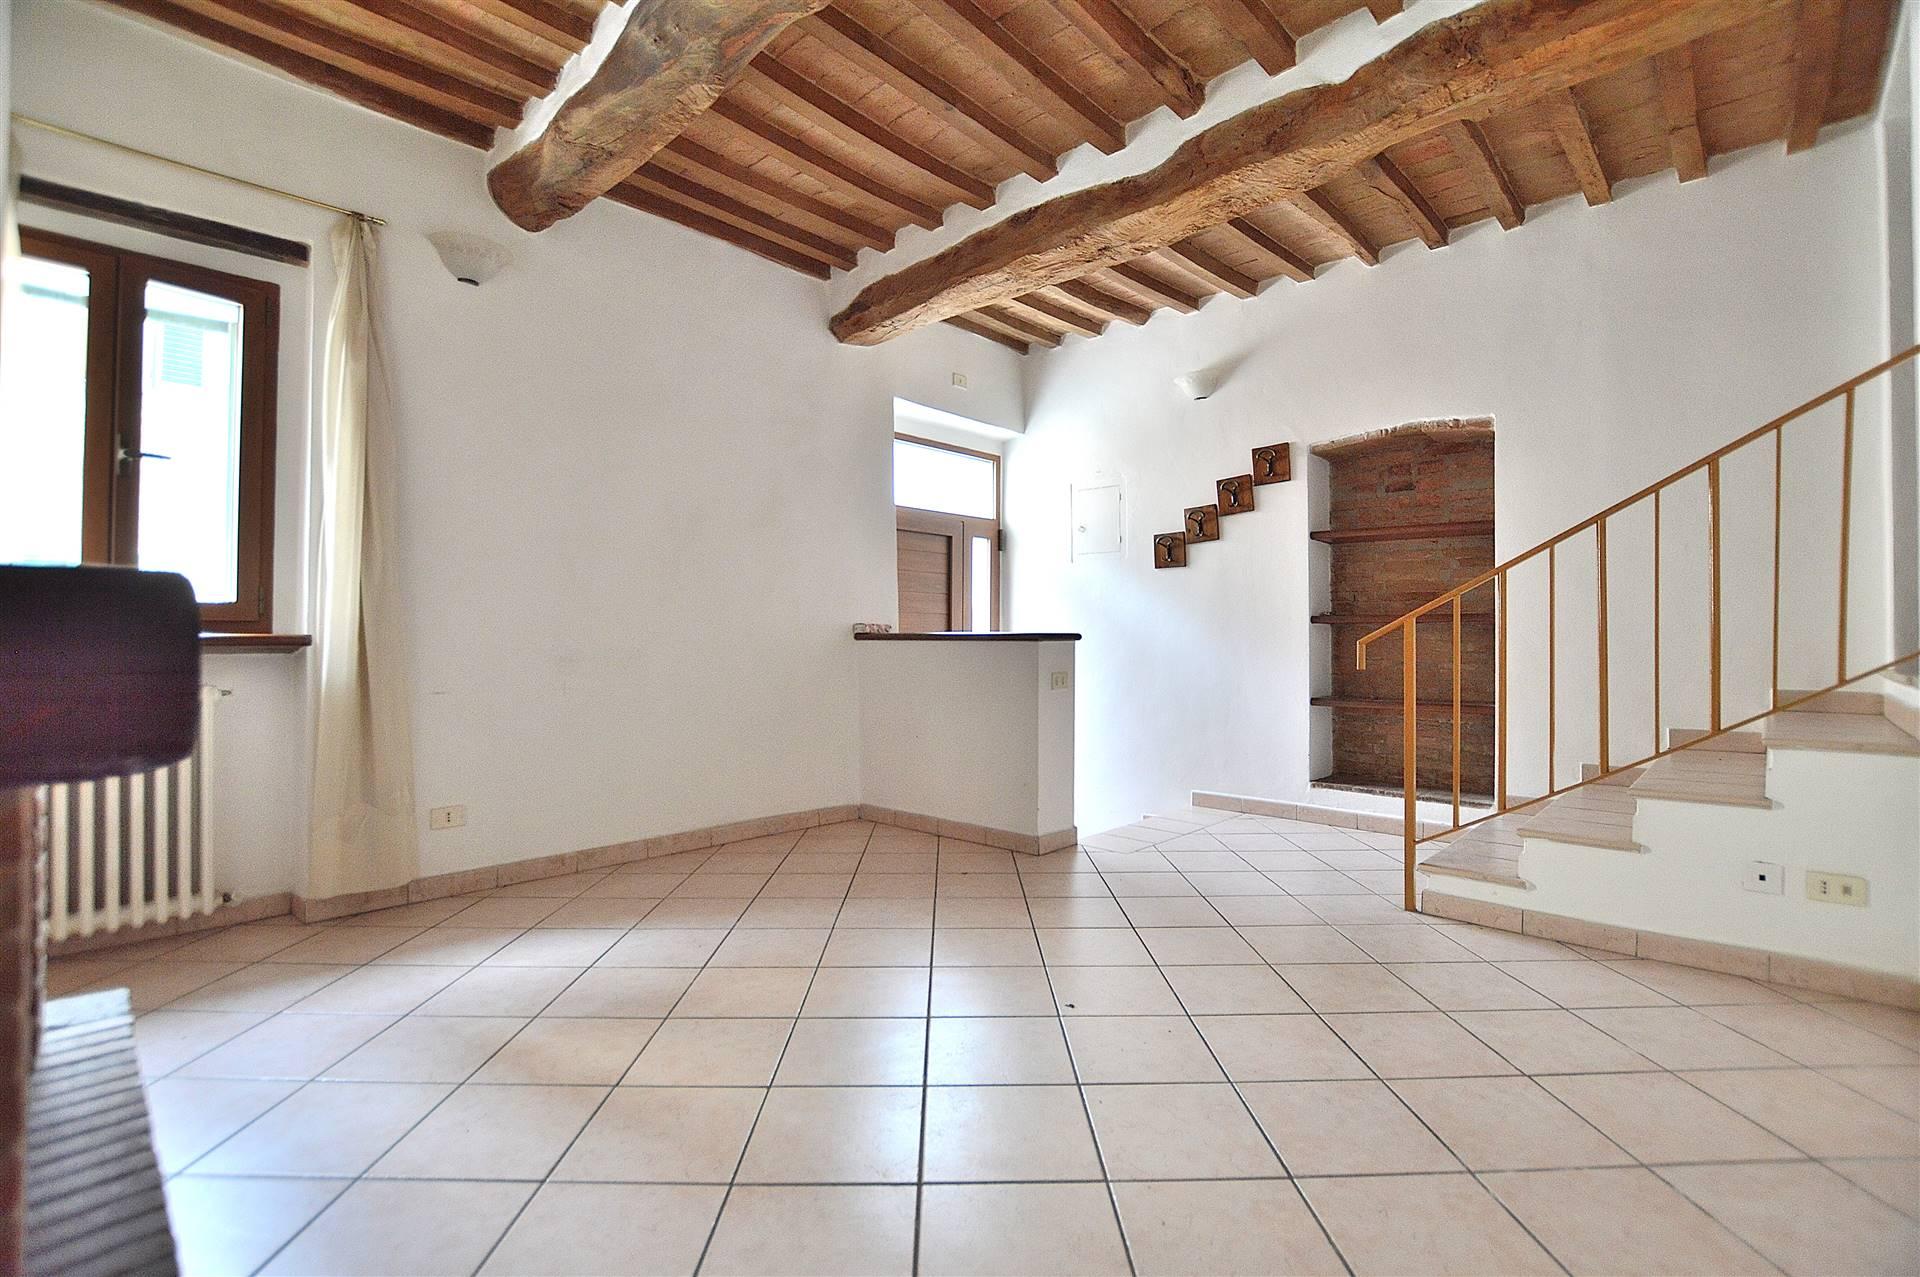 Vescovado di Murlo, in zona centrale ottimamente servita, proponiamo appartamento posto al piano terra con ingresso indipendente all'interno di una